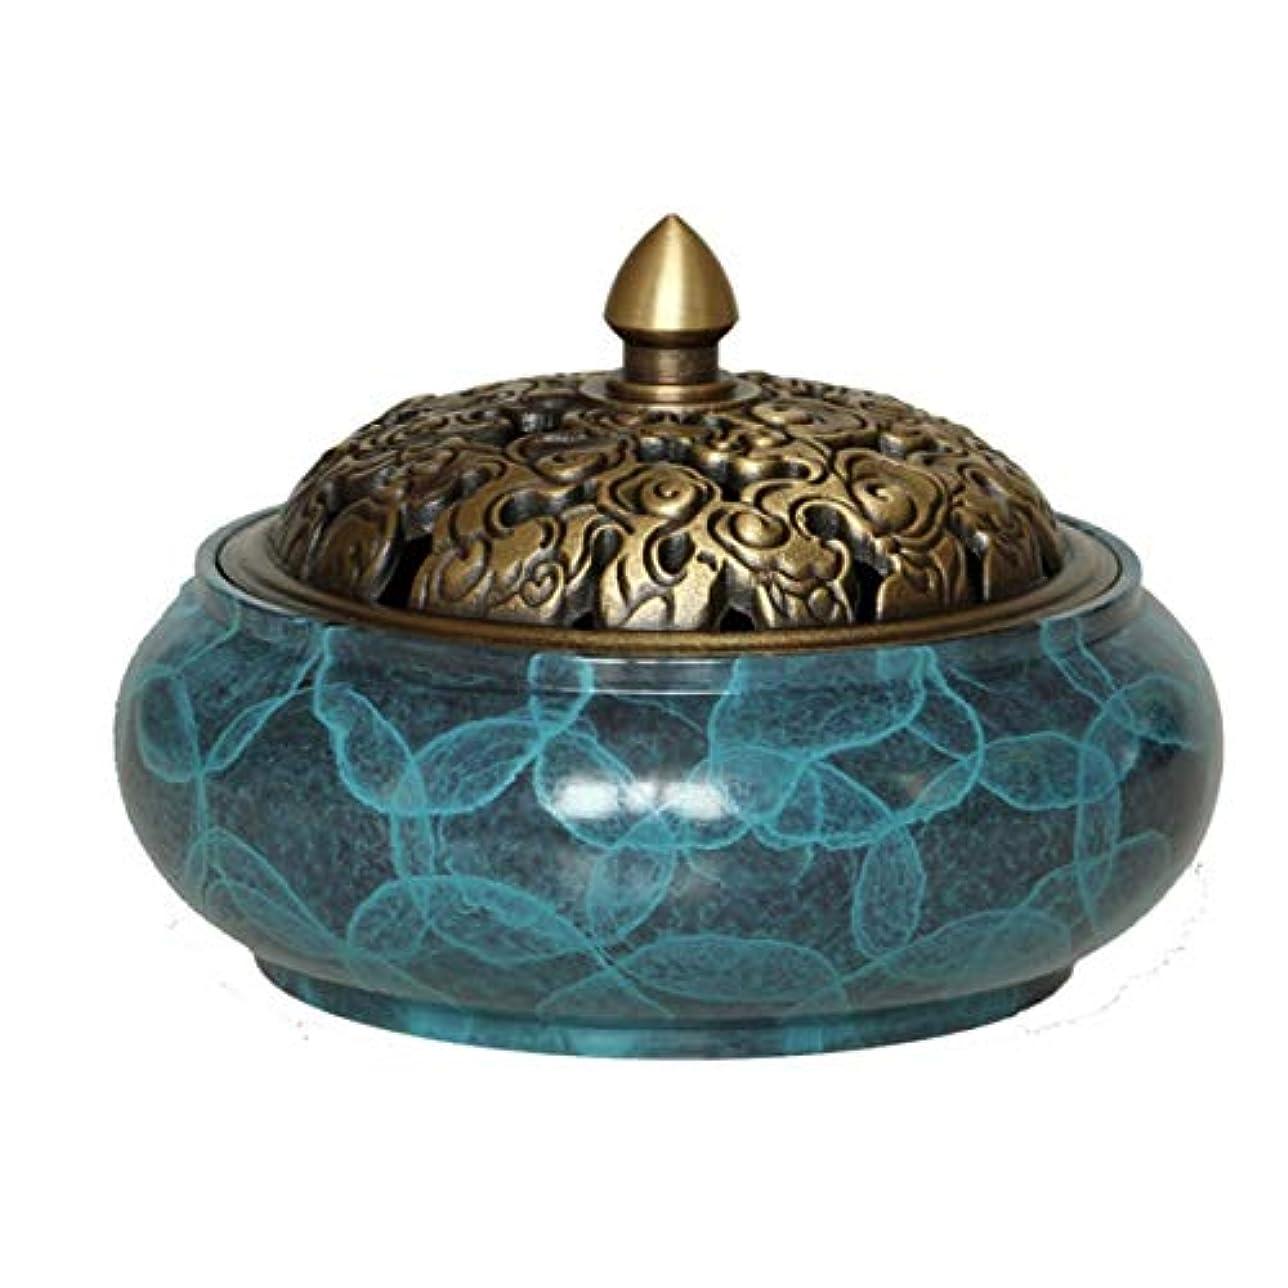 役職排出予言する銅線香ホルダーバーナー銅製の灰キャッチャートレイボウル、家、オフィス、茶屋、瞑想、ヨガなどのための真鍮線香ホルダー